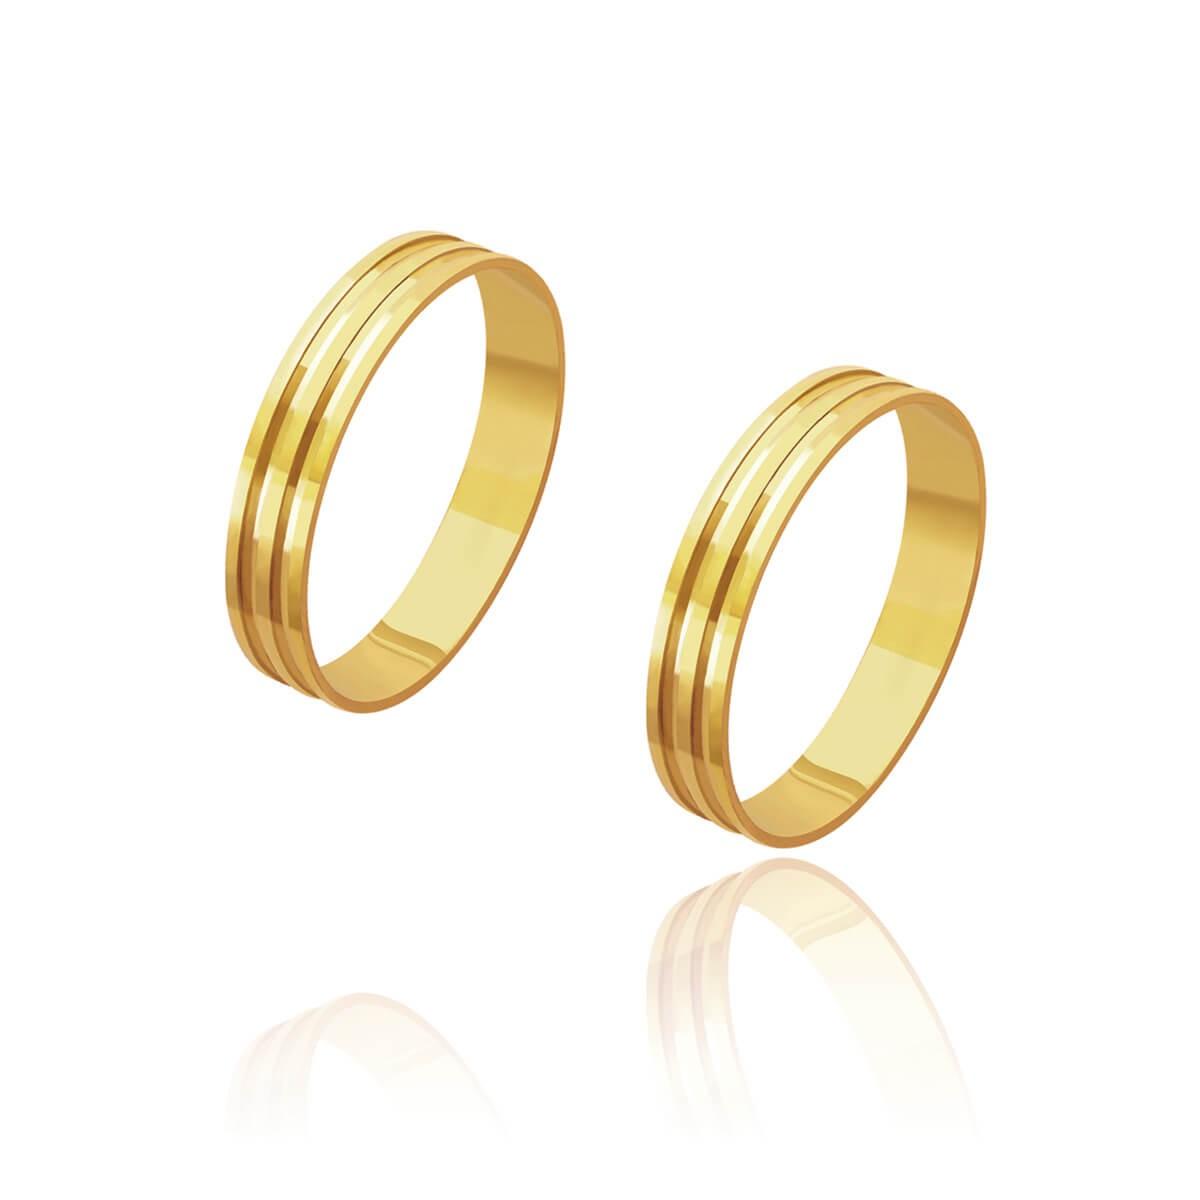 Par de Alianças de Casamento Cronos Ouro 18k 2 Frisos Centrais 4mm 3g